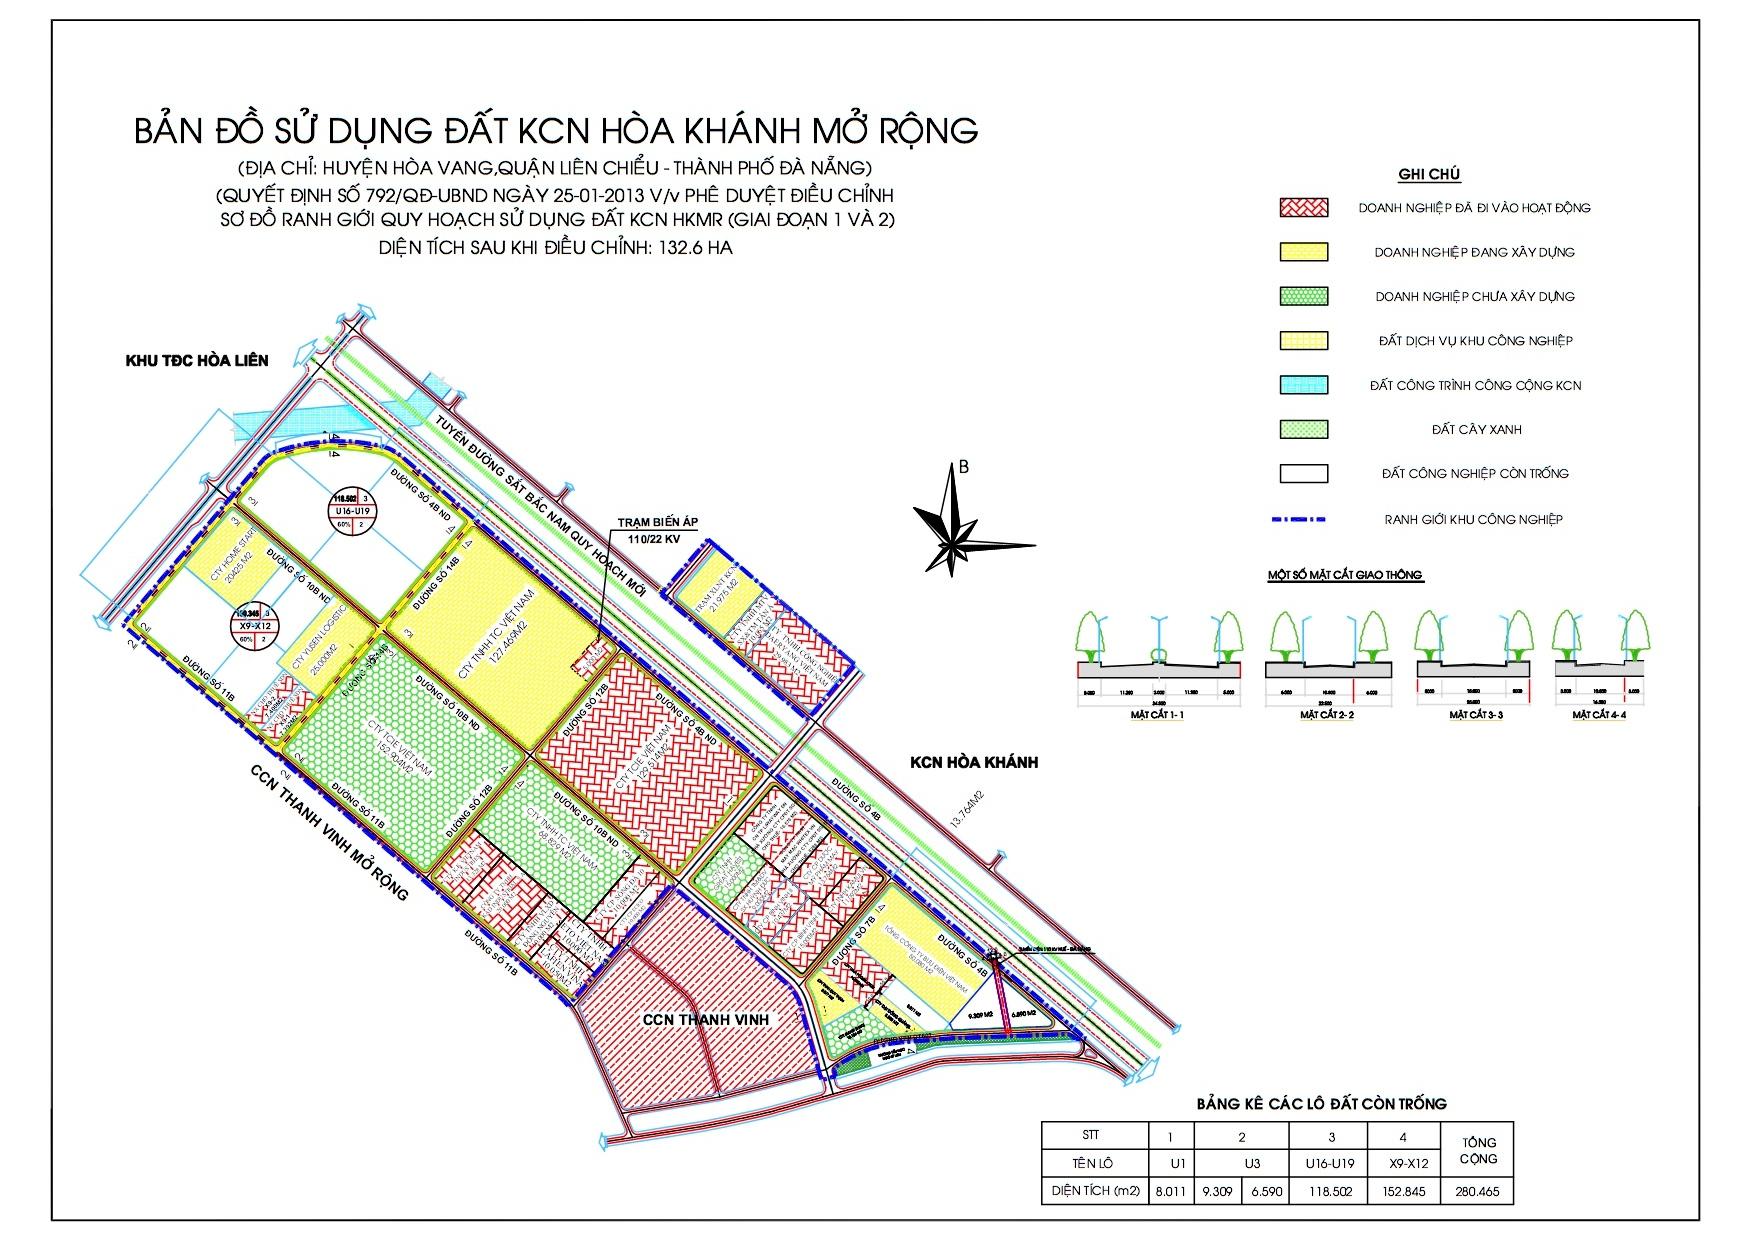 Khu công nghiệp Hòa Khánh Mở Rộng | Đà Nẵng